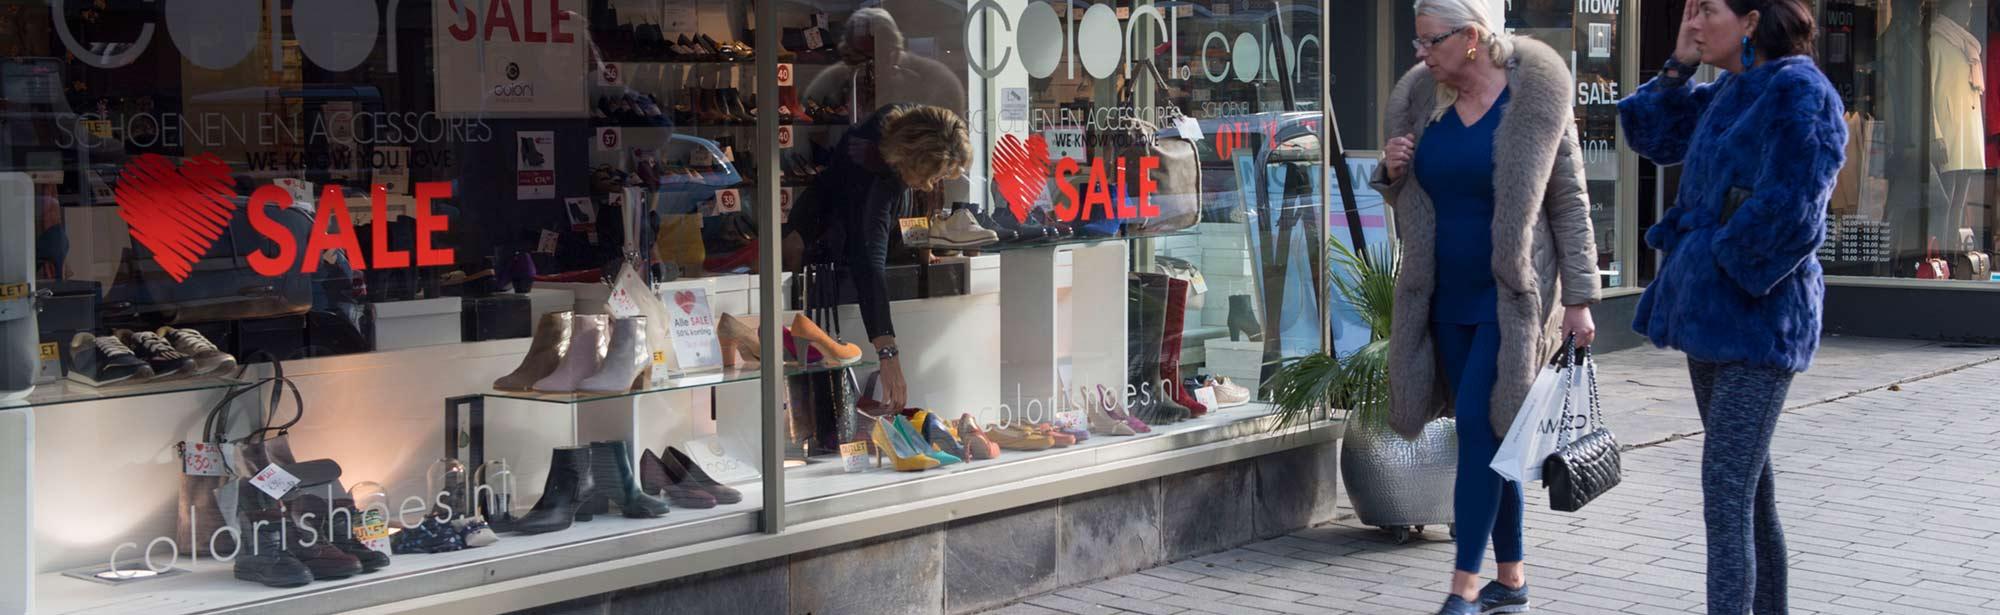 Twee dames voor een etalage in Rotterdam Centrum, op de pagina Nieuws van de website van UDSRotterdam